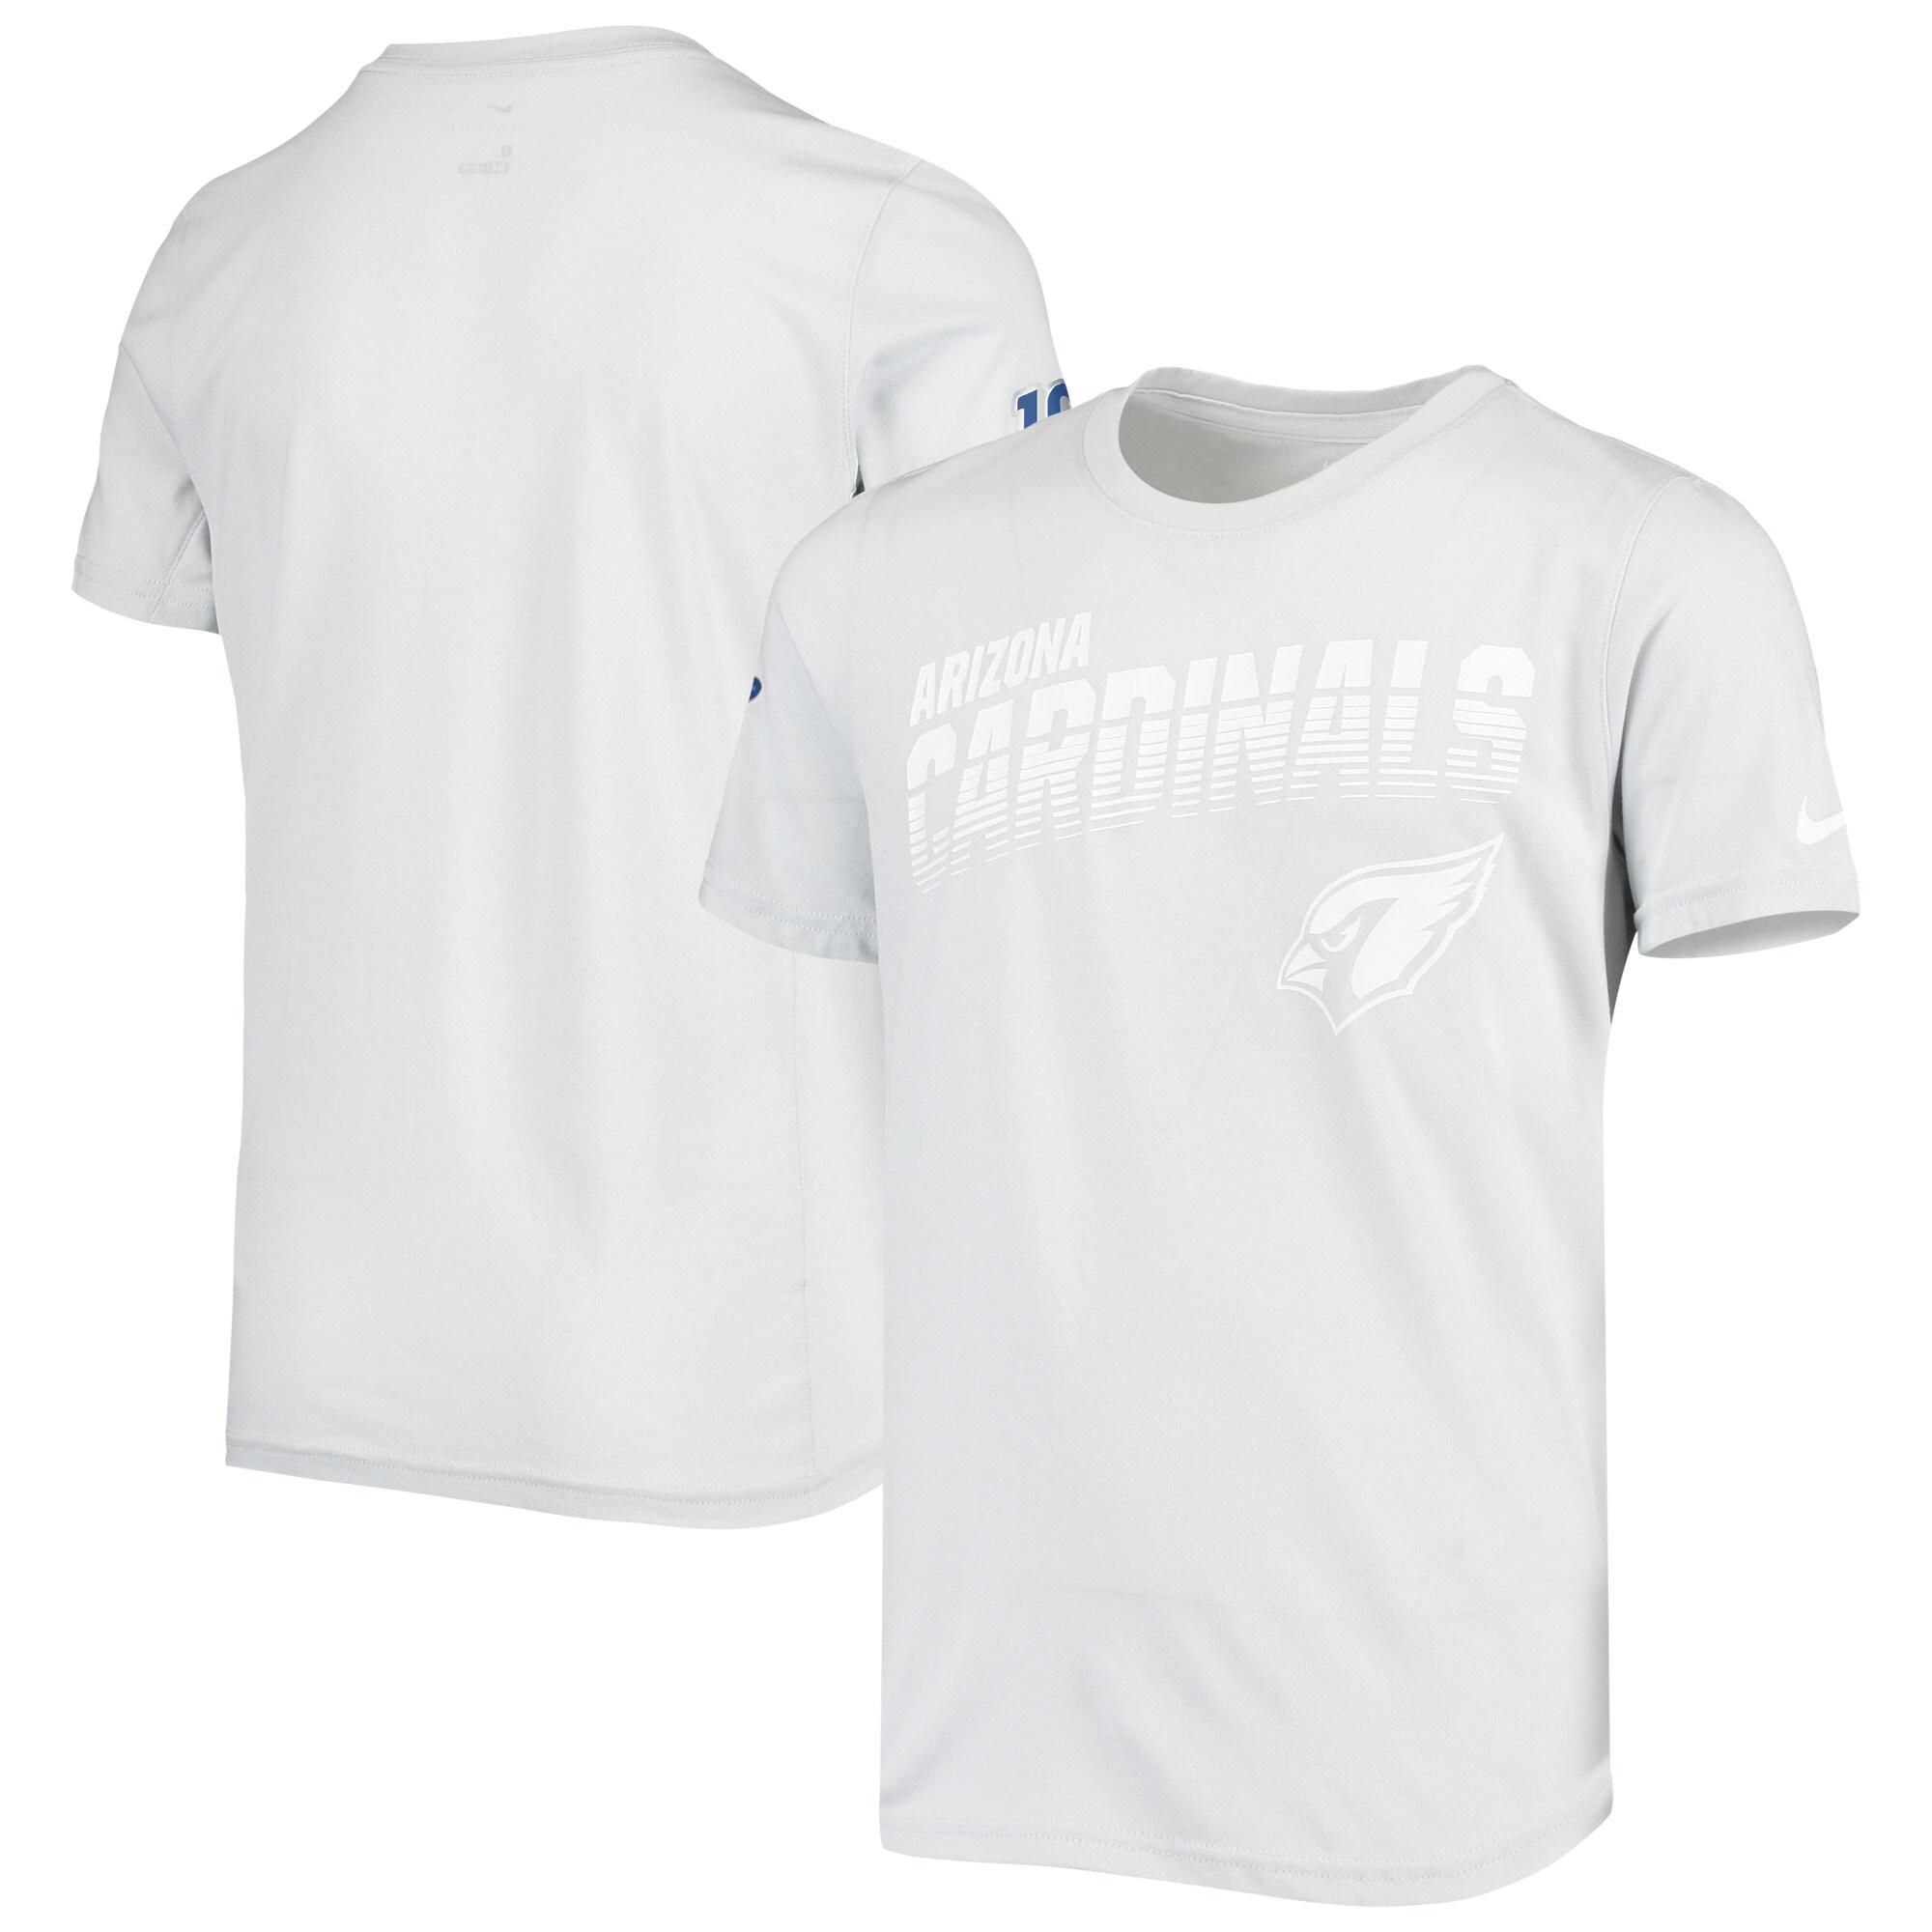 Arizona Cardinals Nike Youth NFL 100 2019 Sideline Platinum Performance T-Shirt - White